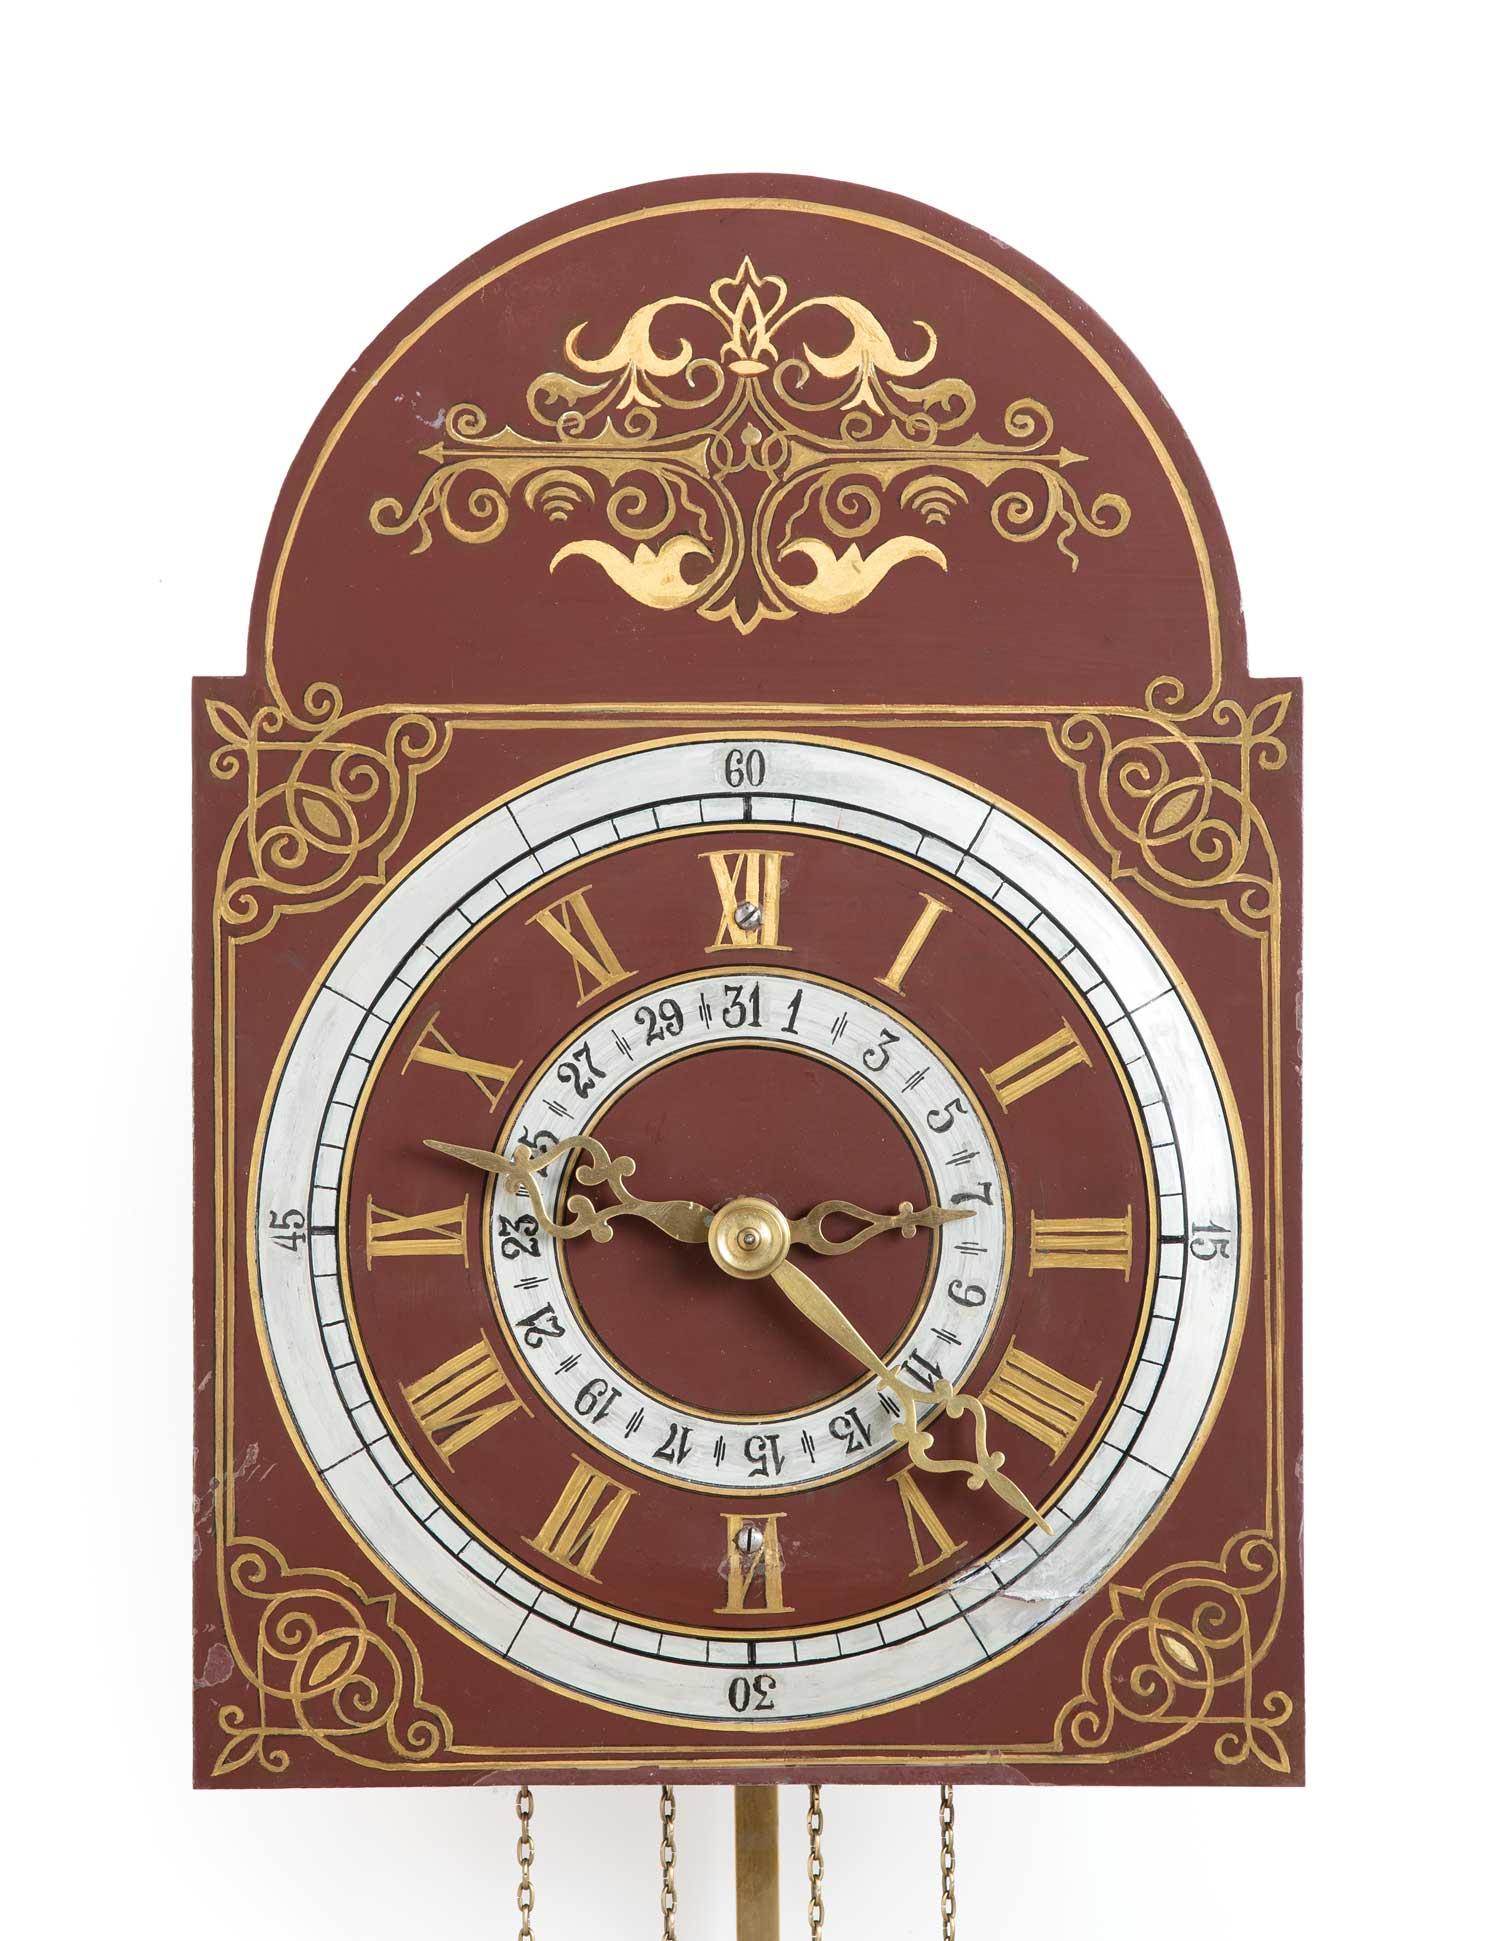 kroeger-clock-schulz-mc0002.jpg